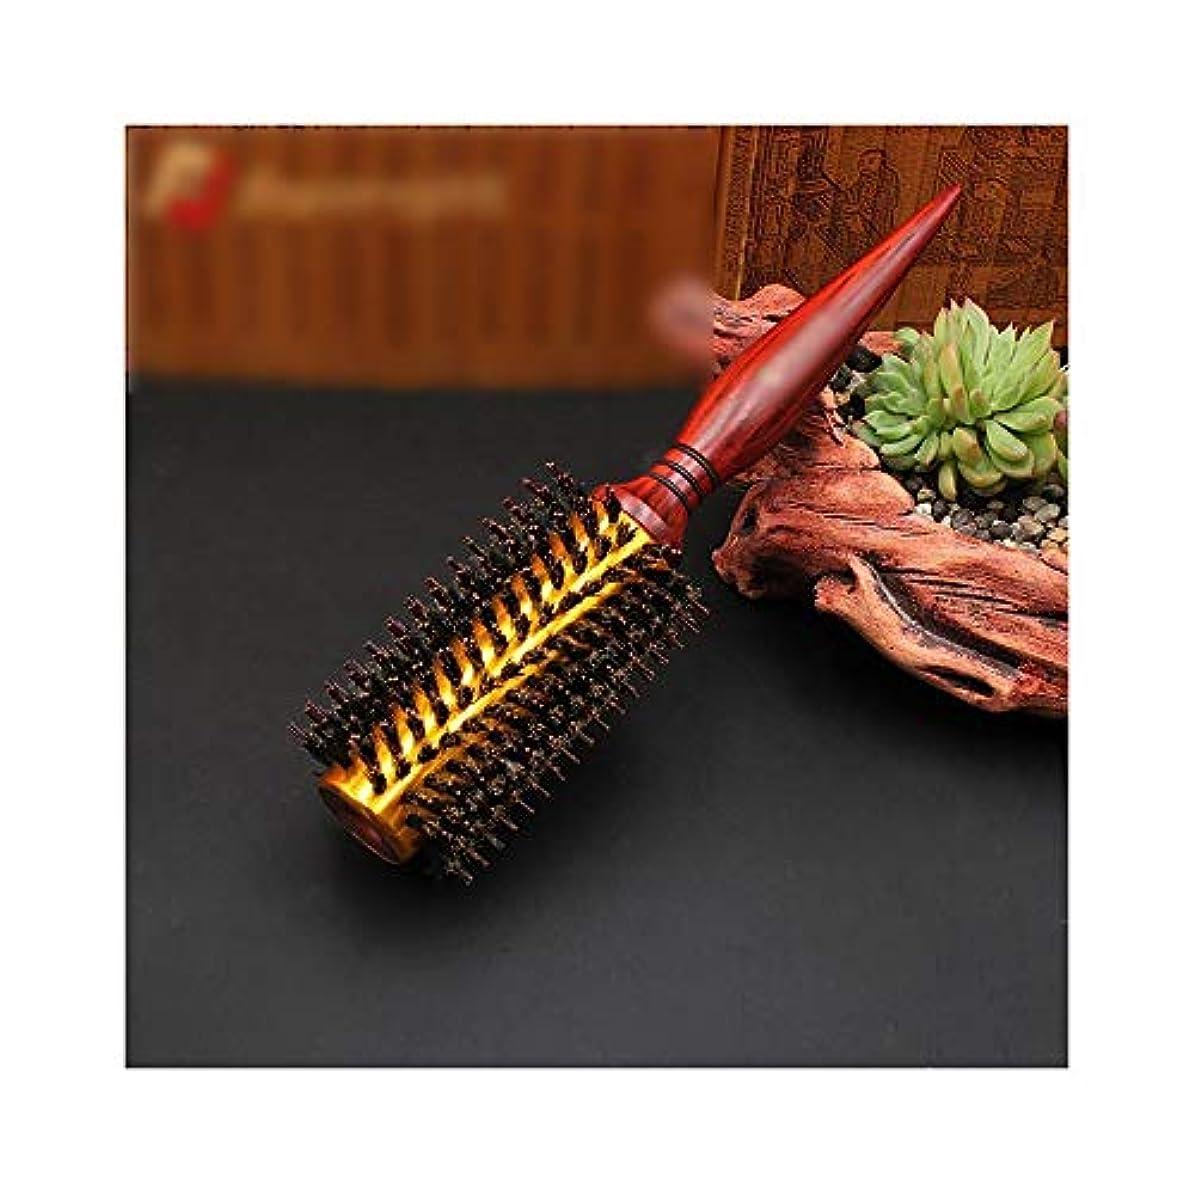 群衆適格焦げFashian毛ラウンドスタイリングヘアブラシ - すべてのヘアスタイルのためにロールヘアブラシ ヘアケア (サイズ : 16 rows)